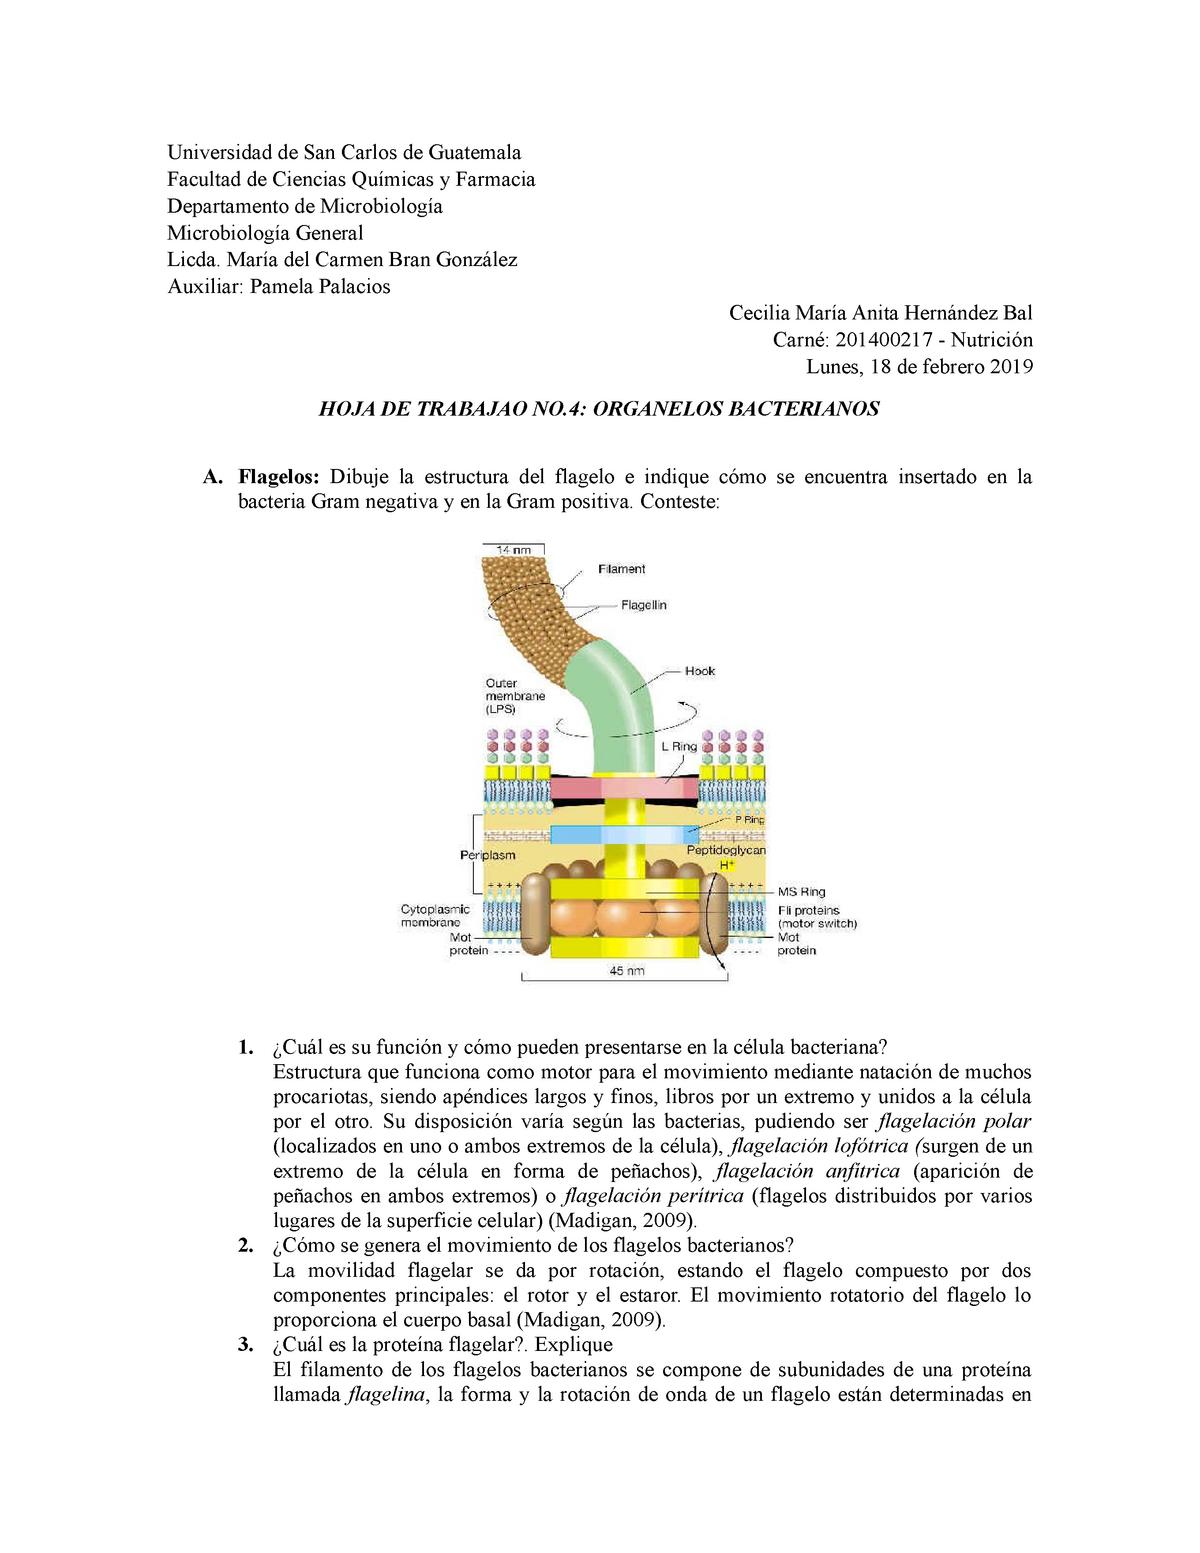 Hoja De Trabajo No 4 Organelos Bacterianos 055221 Usac